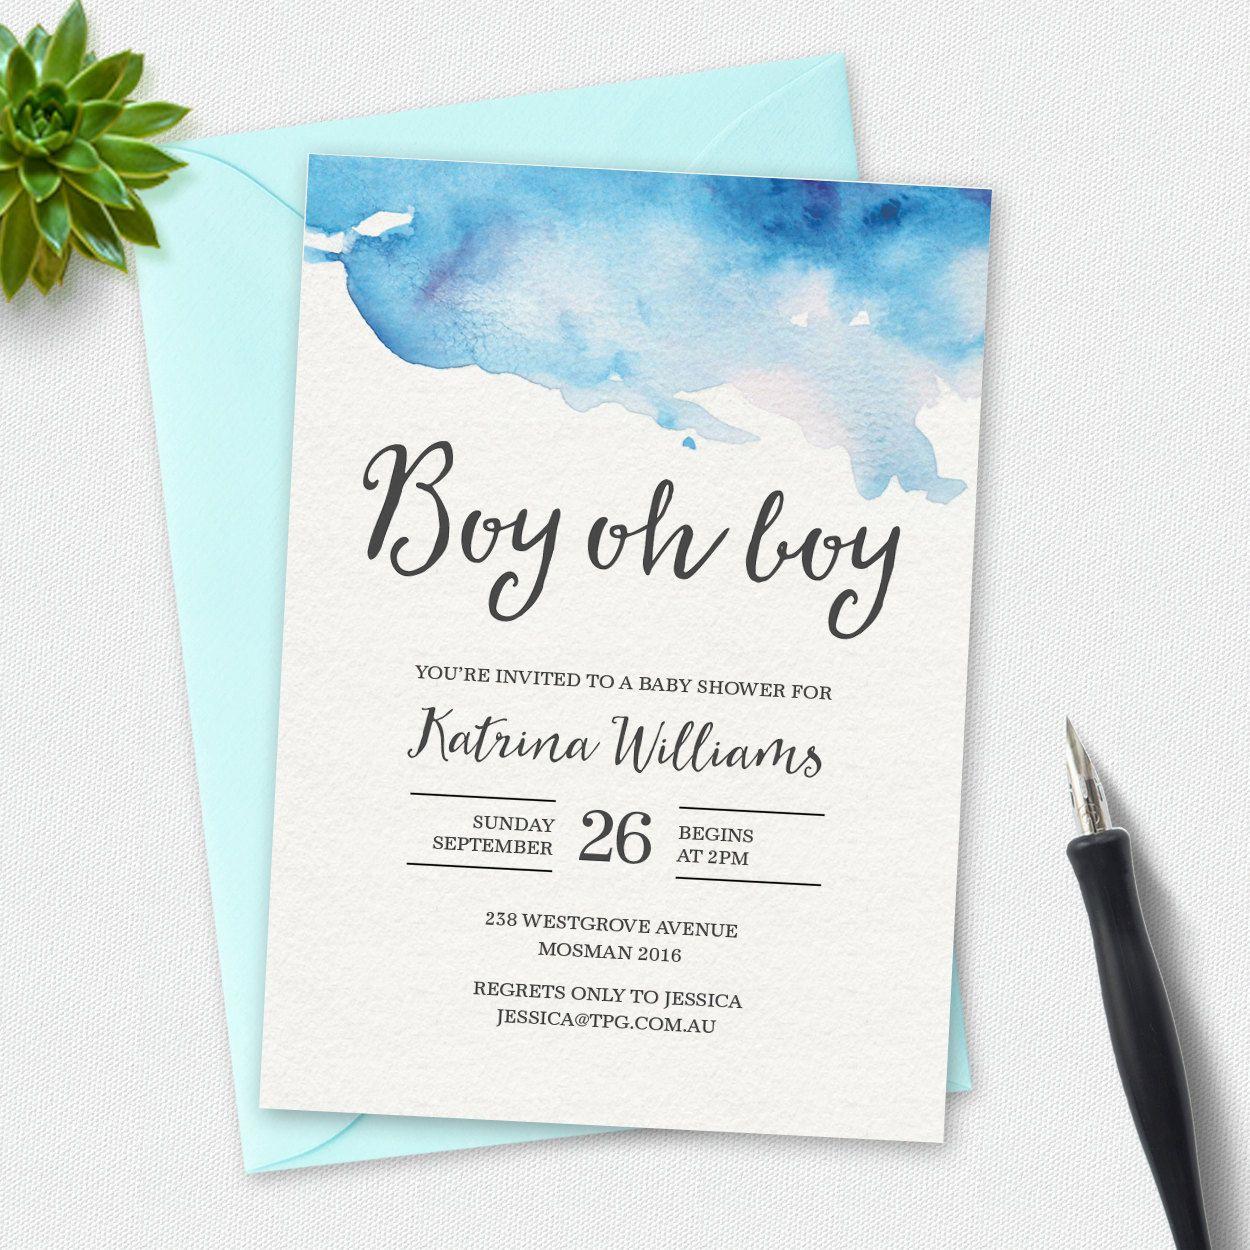 Baby Shower Invitation Boy, Boy Oh Boy, Invitation